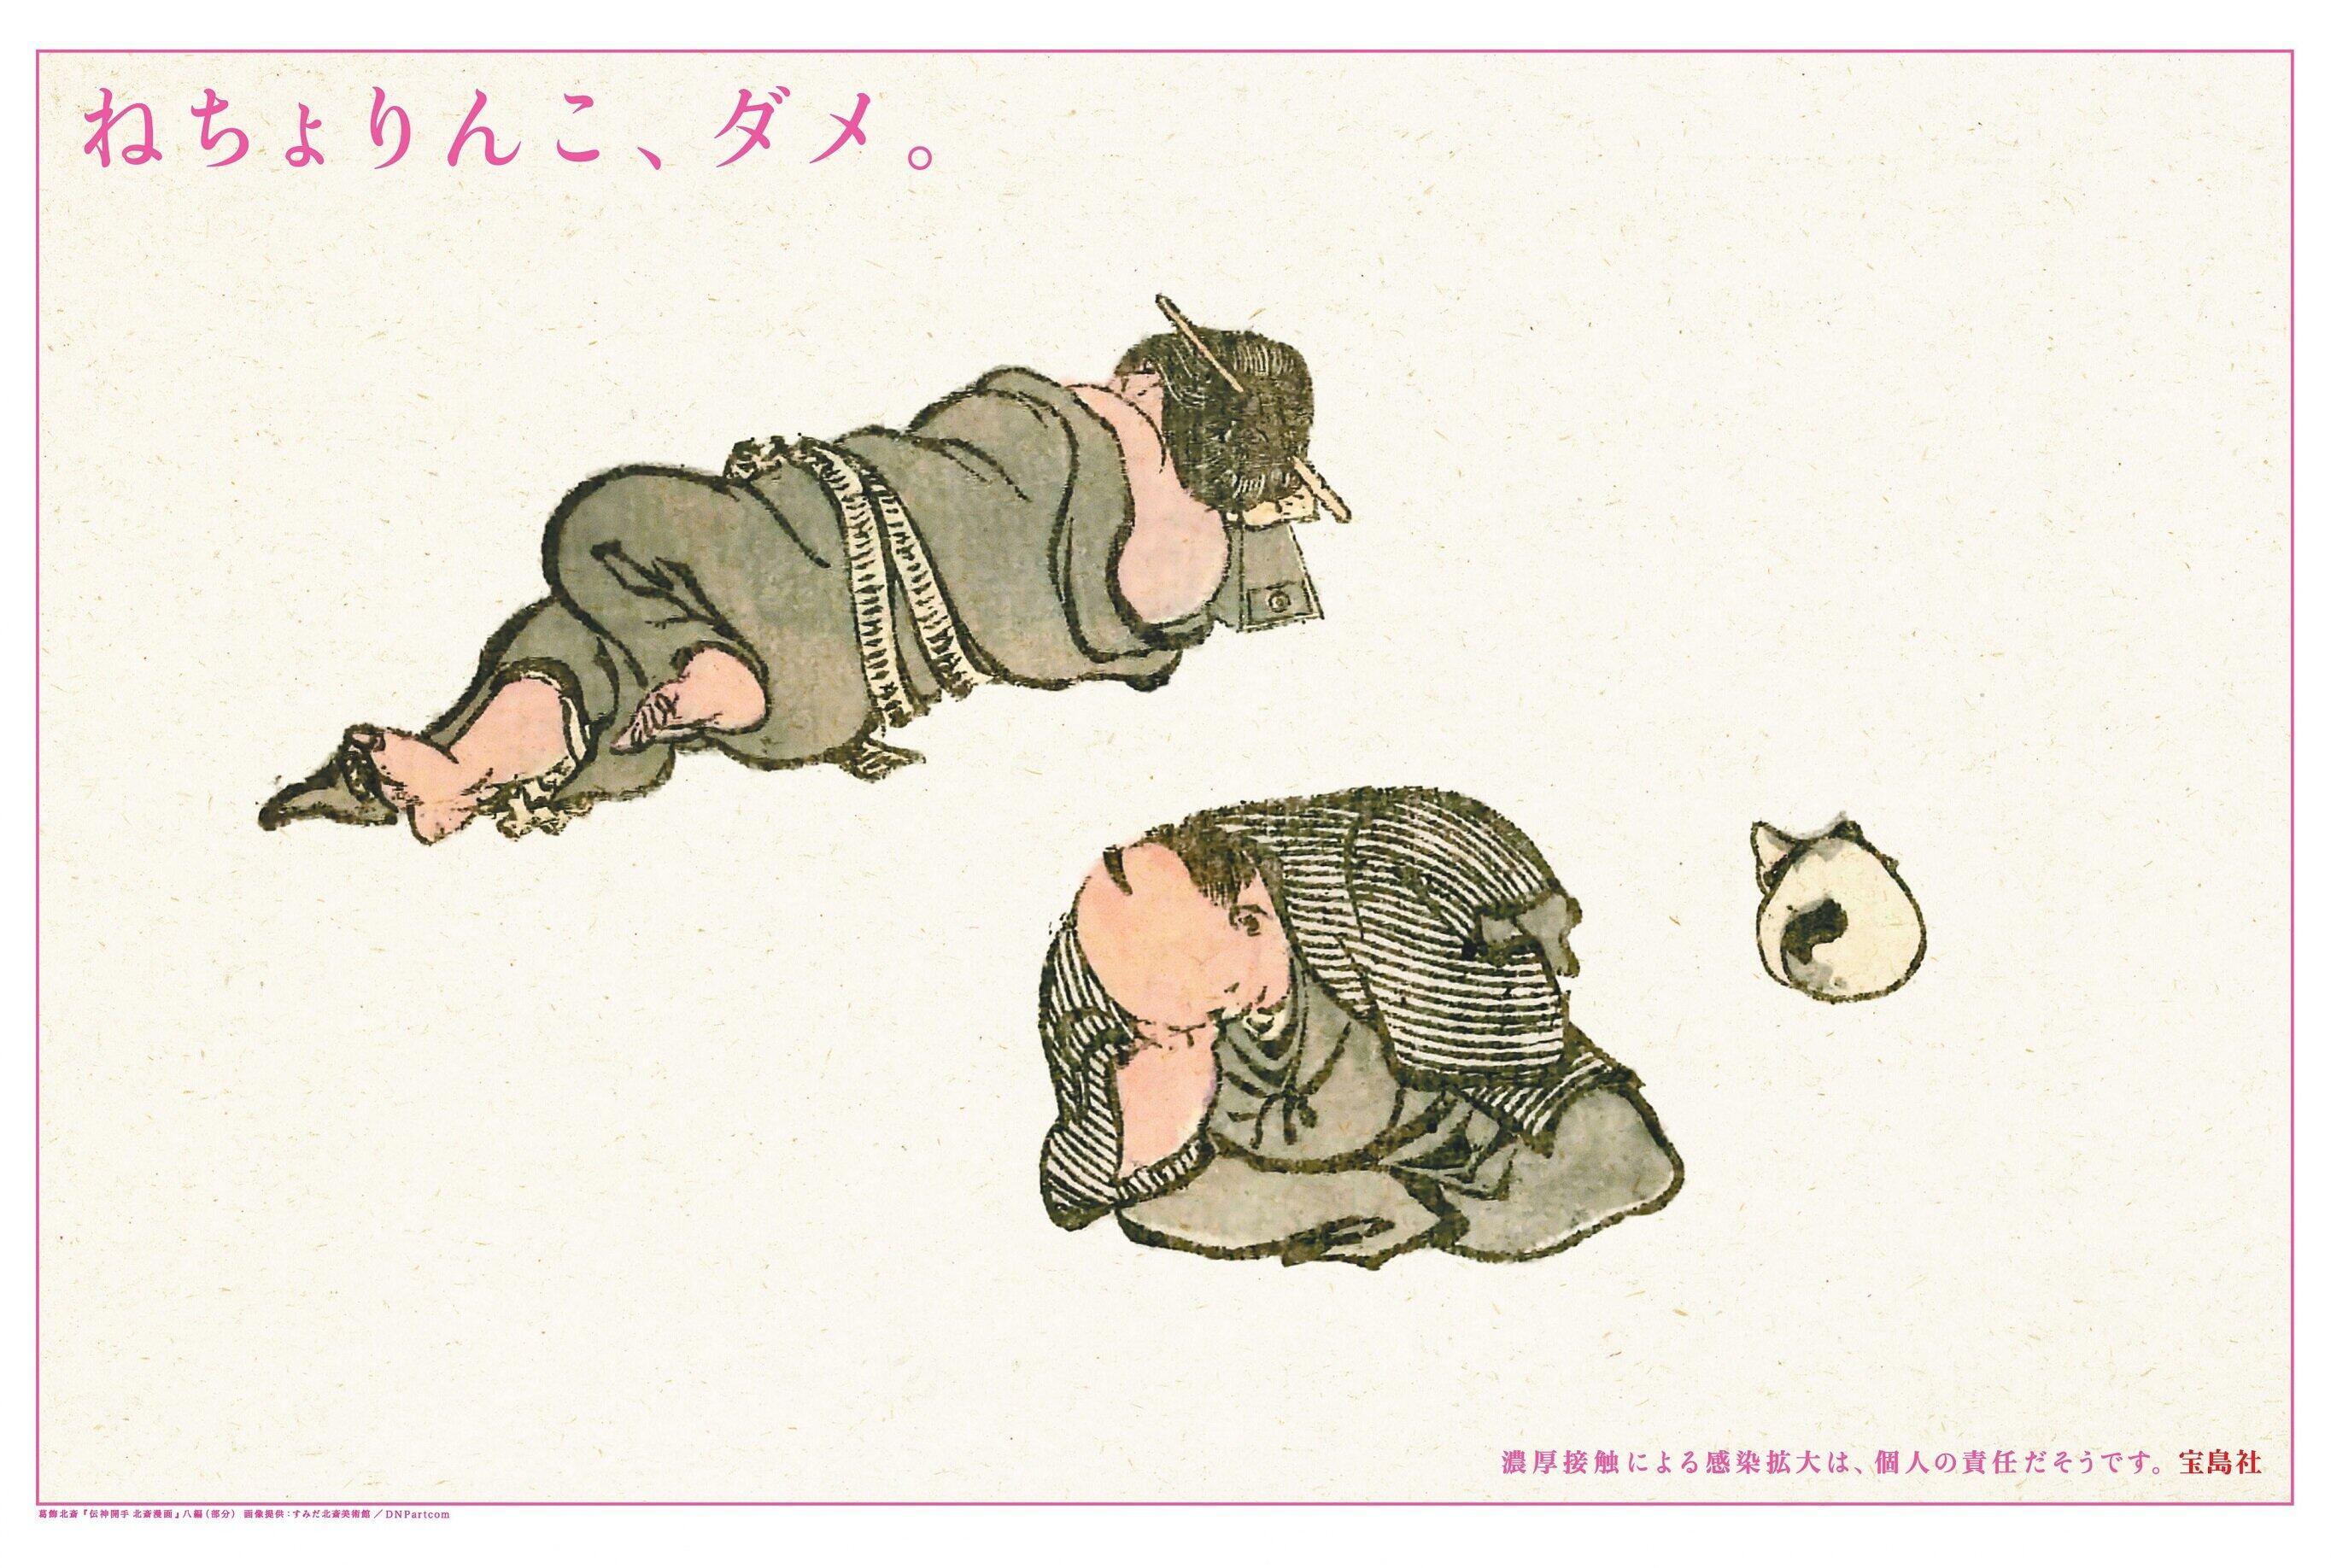 朝日新聞に掲載された広告